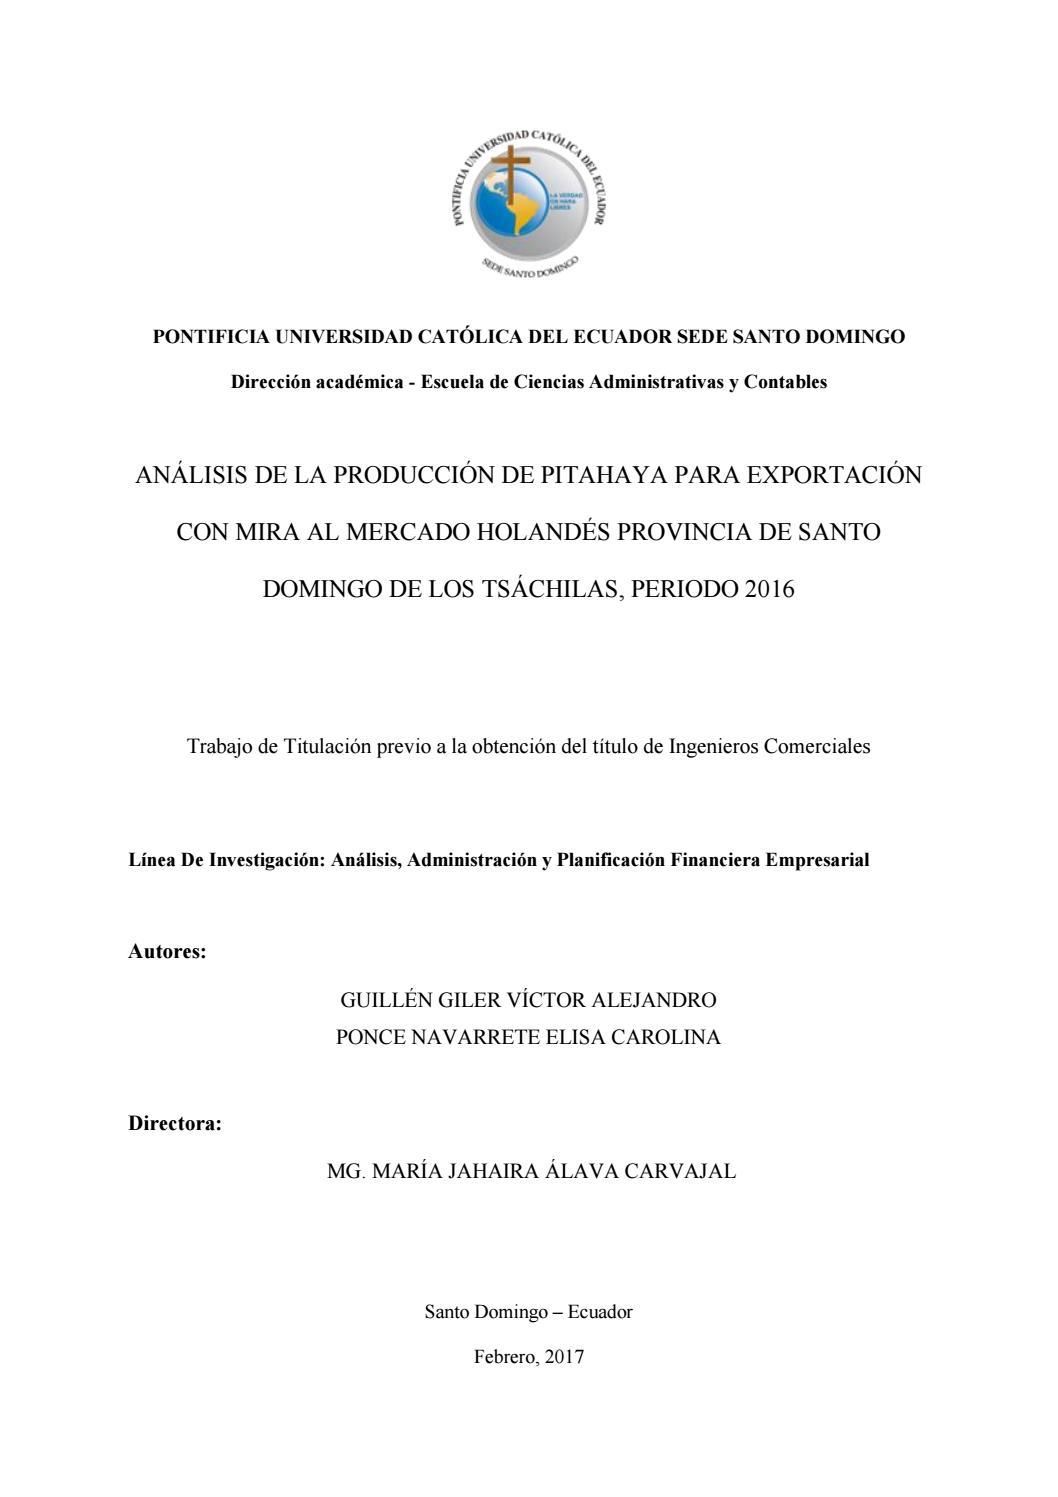 Análisis De La Producción De Pitahaya Para Exportación Con